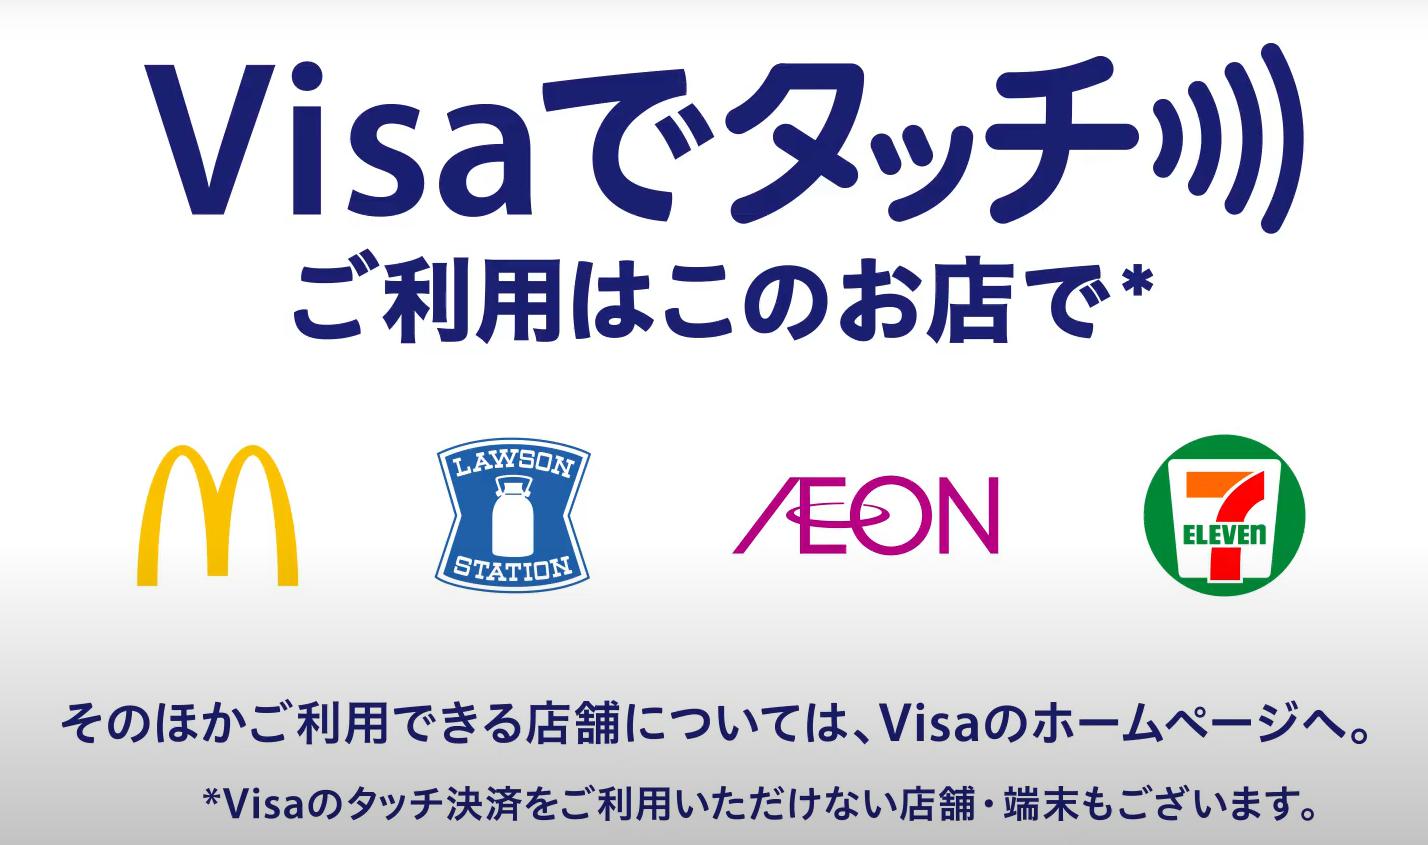 VISA_タッチ決済_お店